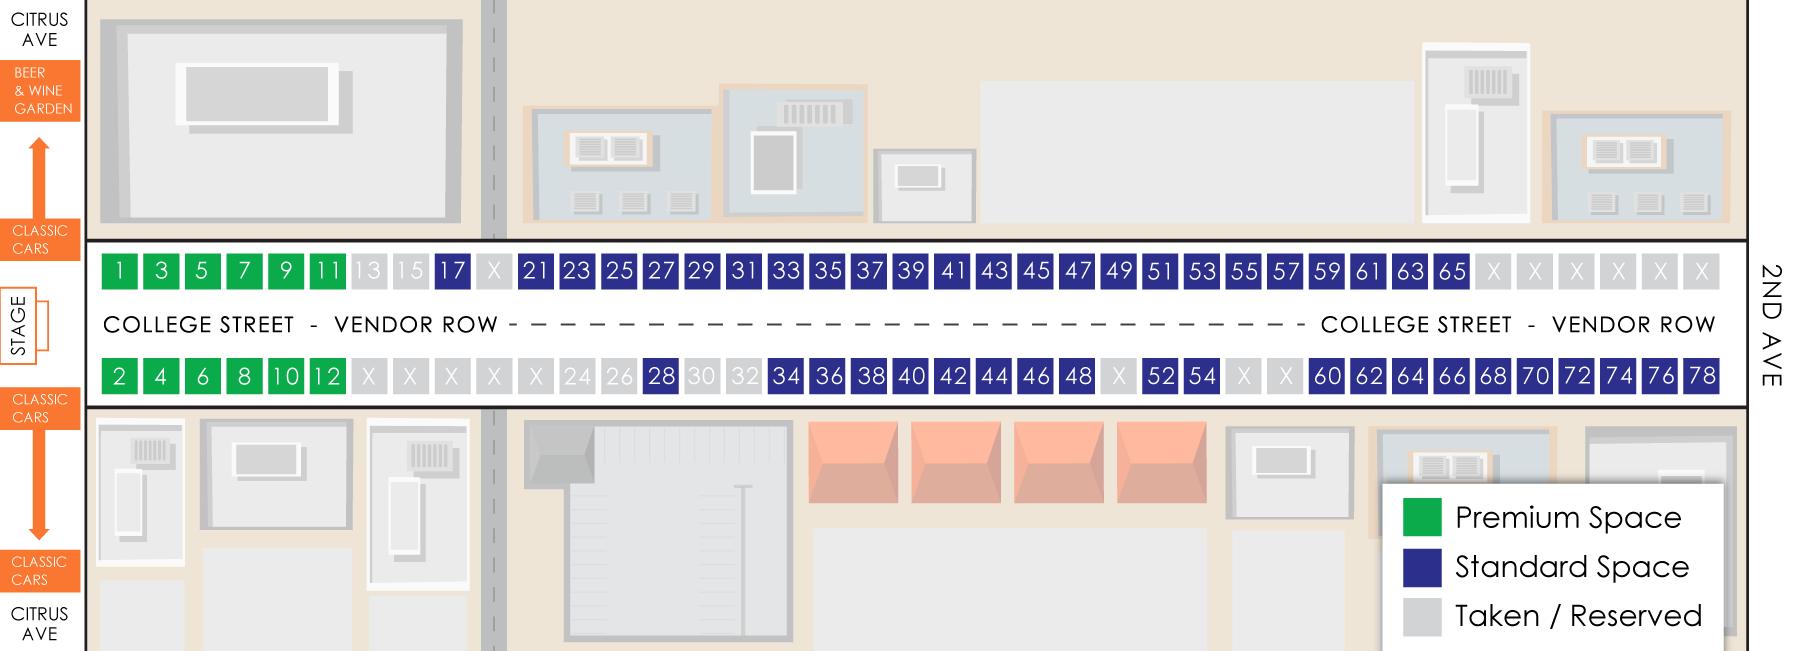 2018 Thunderfest Vendor Row Map